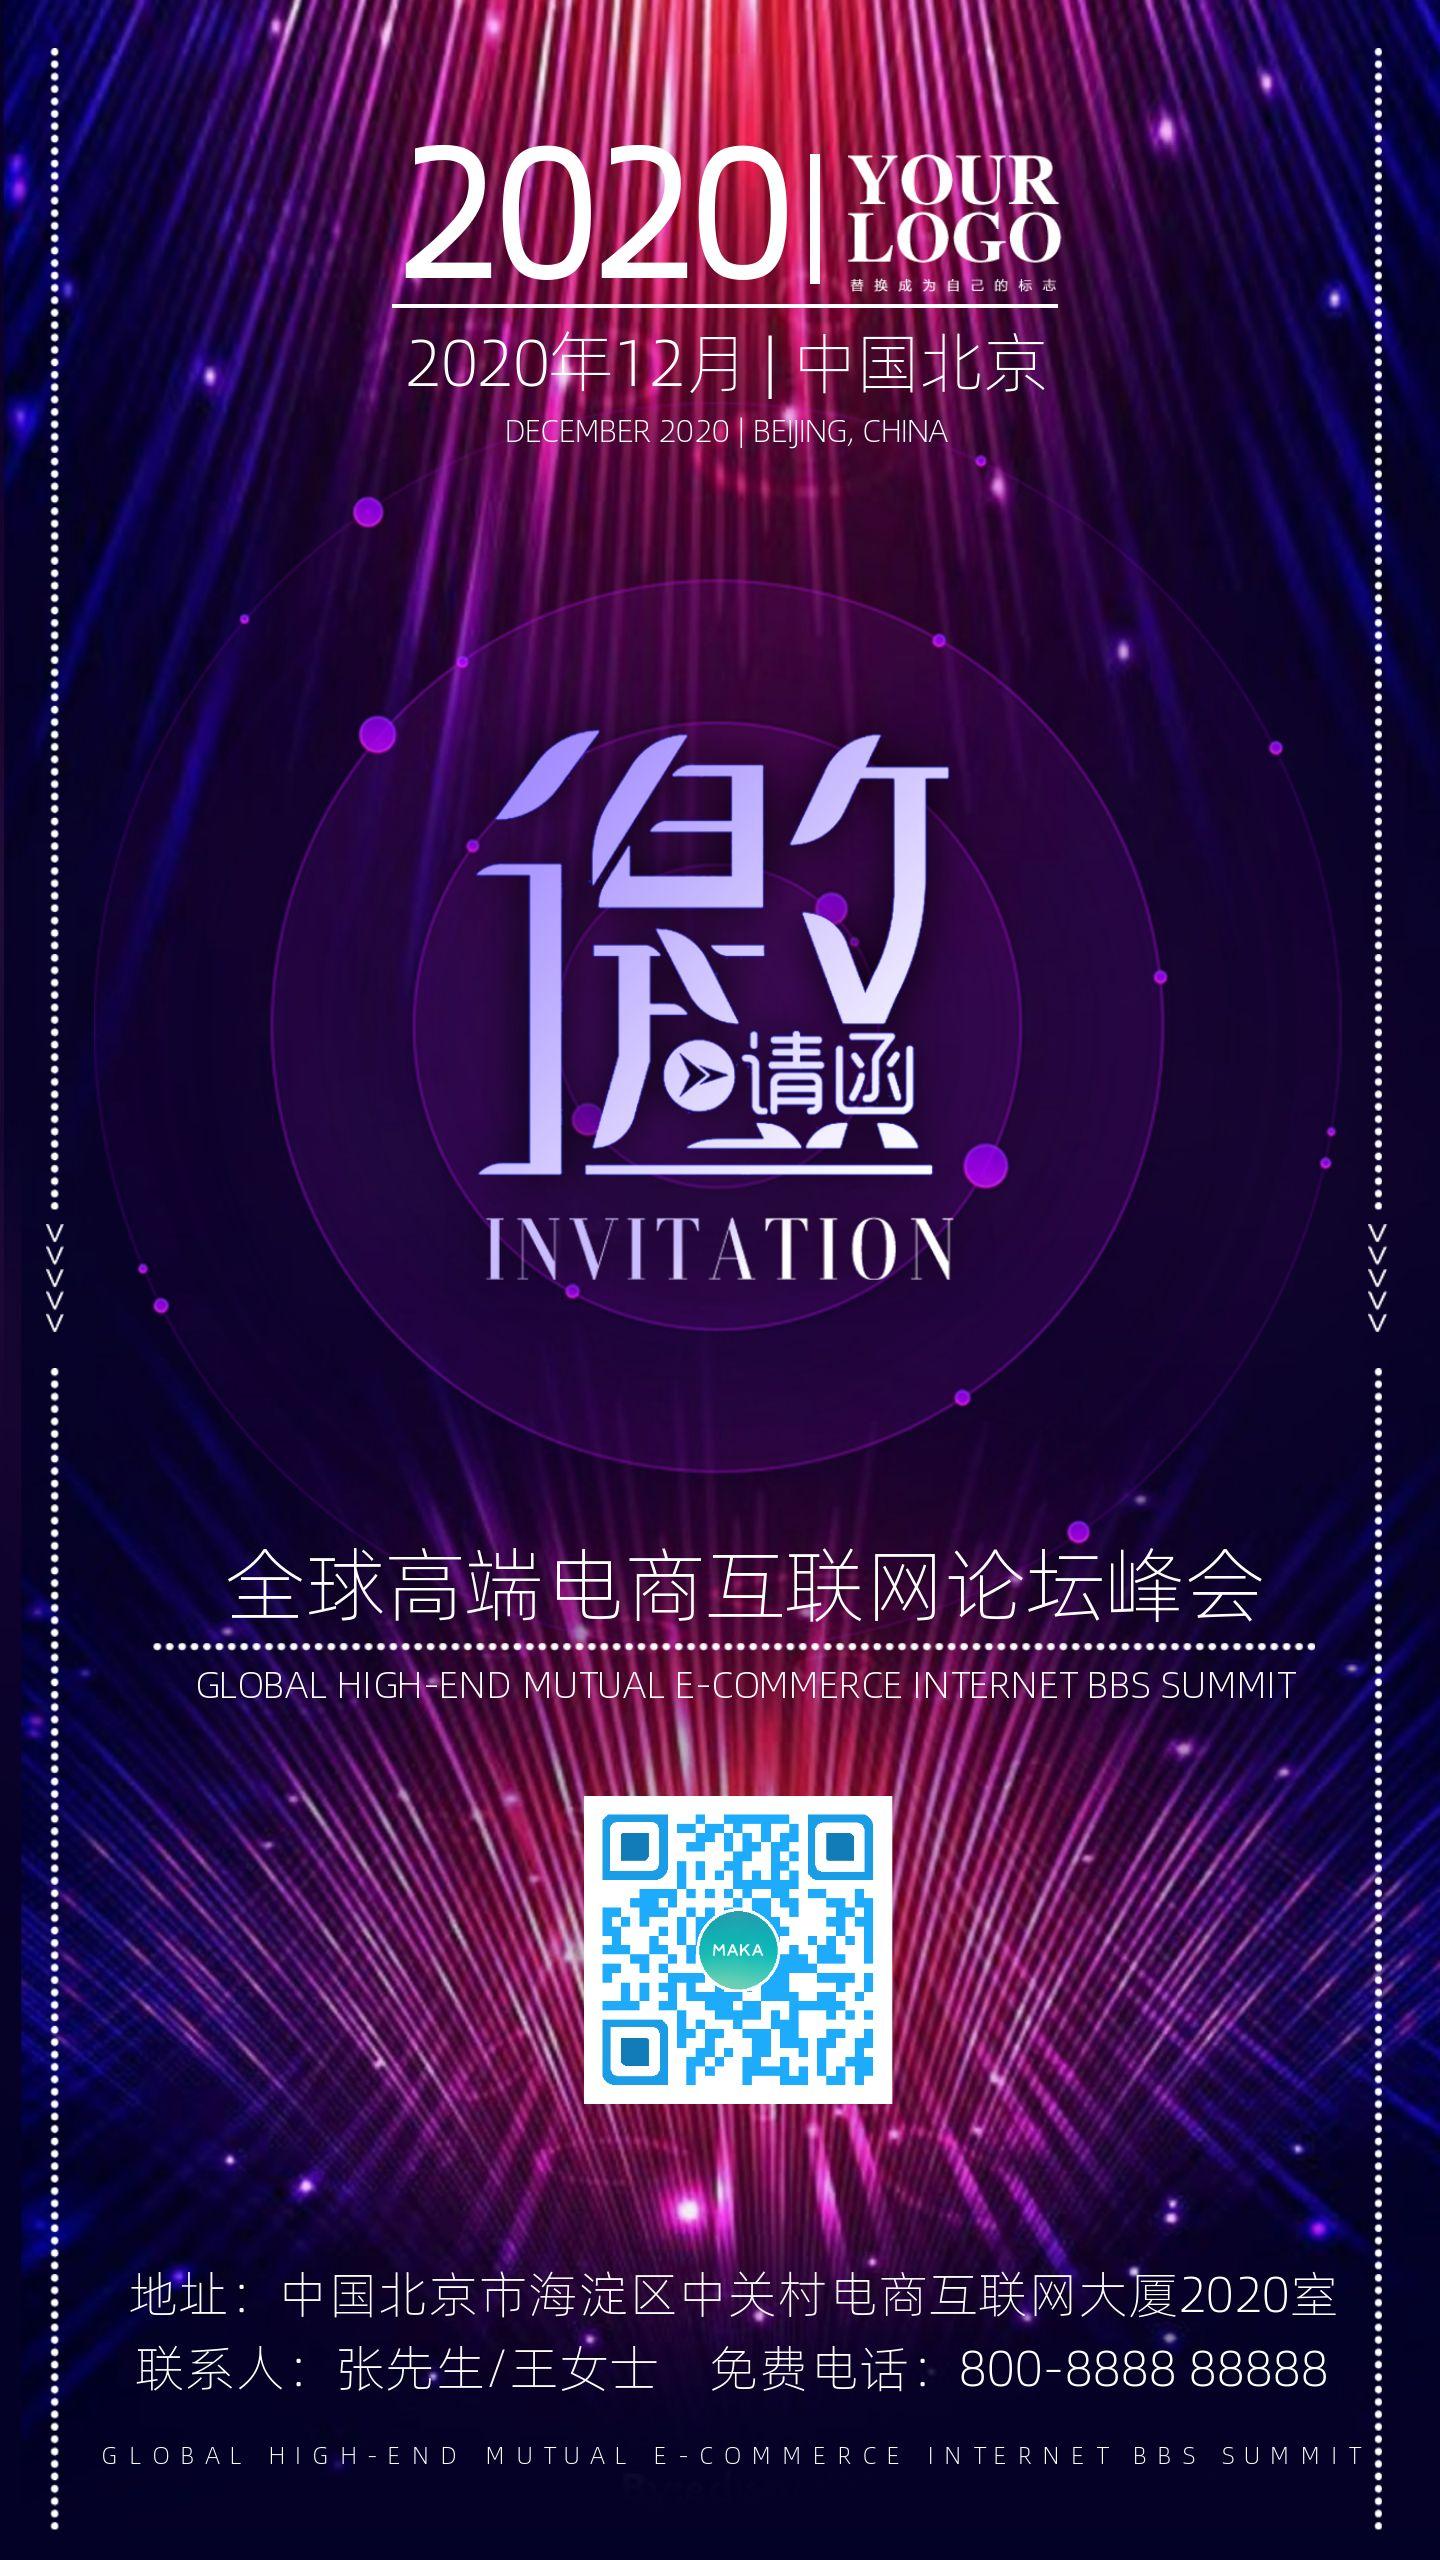 2020高端炫酷紫色互联网IT金融科技商务峰会展会会议交流论坛邀请函请柬